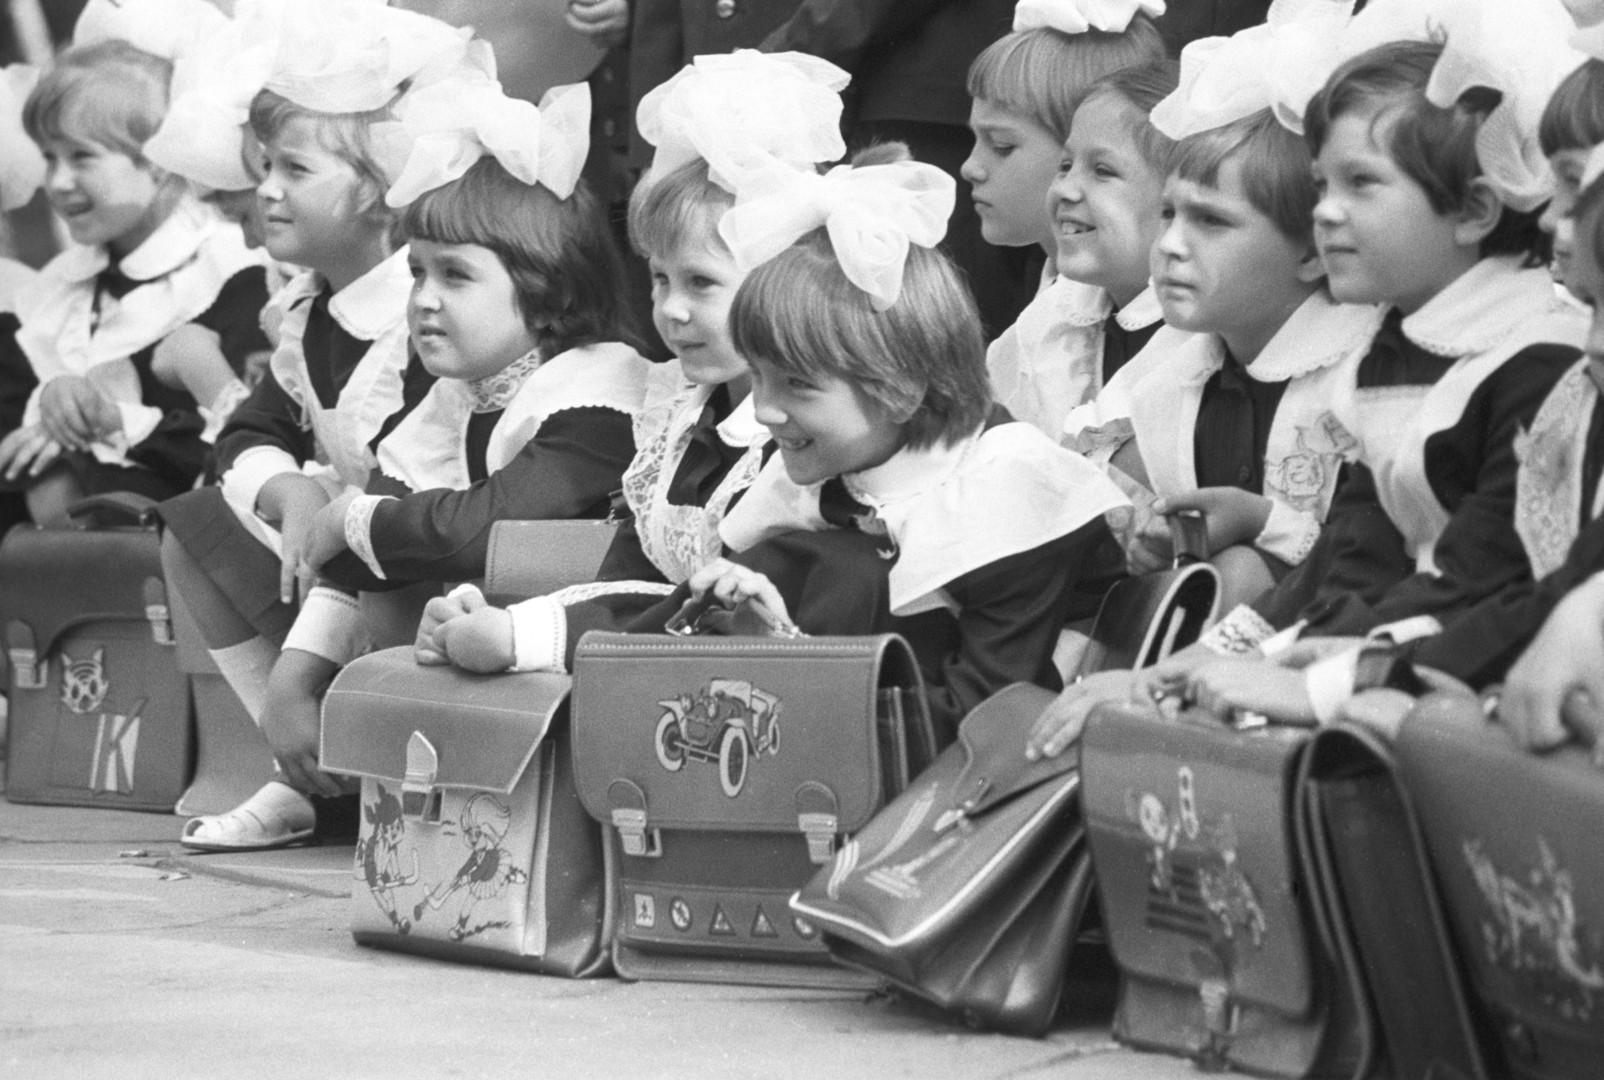 1 сентября 1976—2016: как изменились школьные линейки за 40 лет